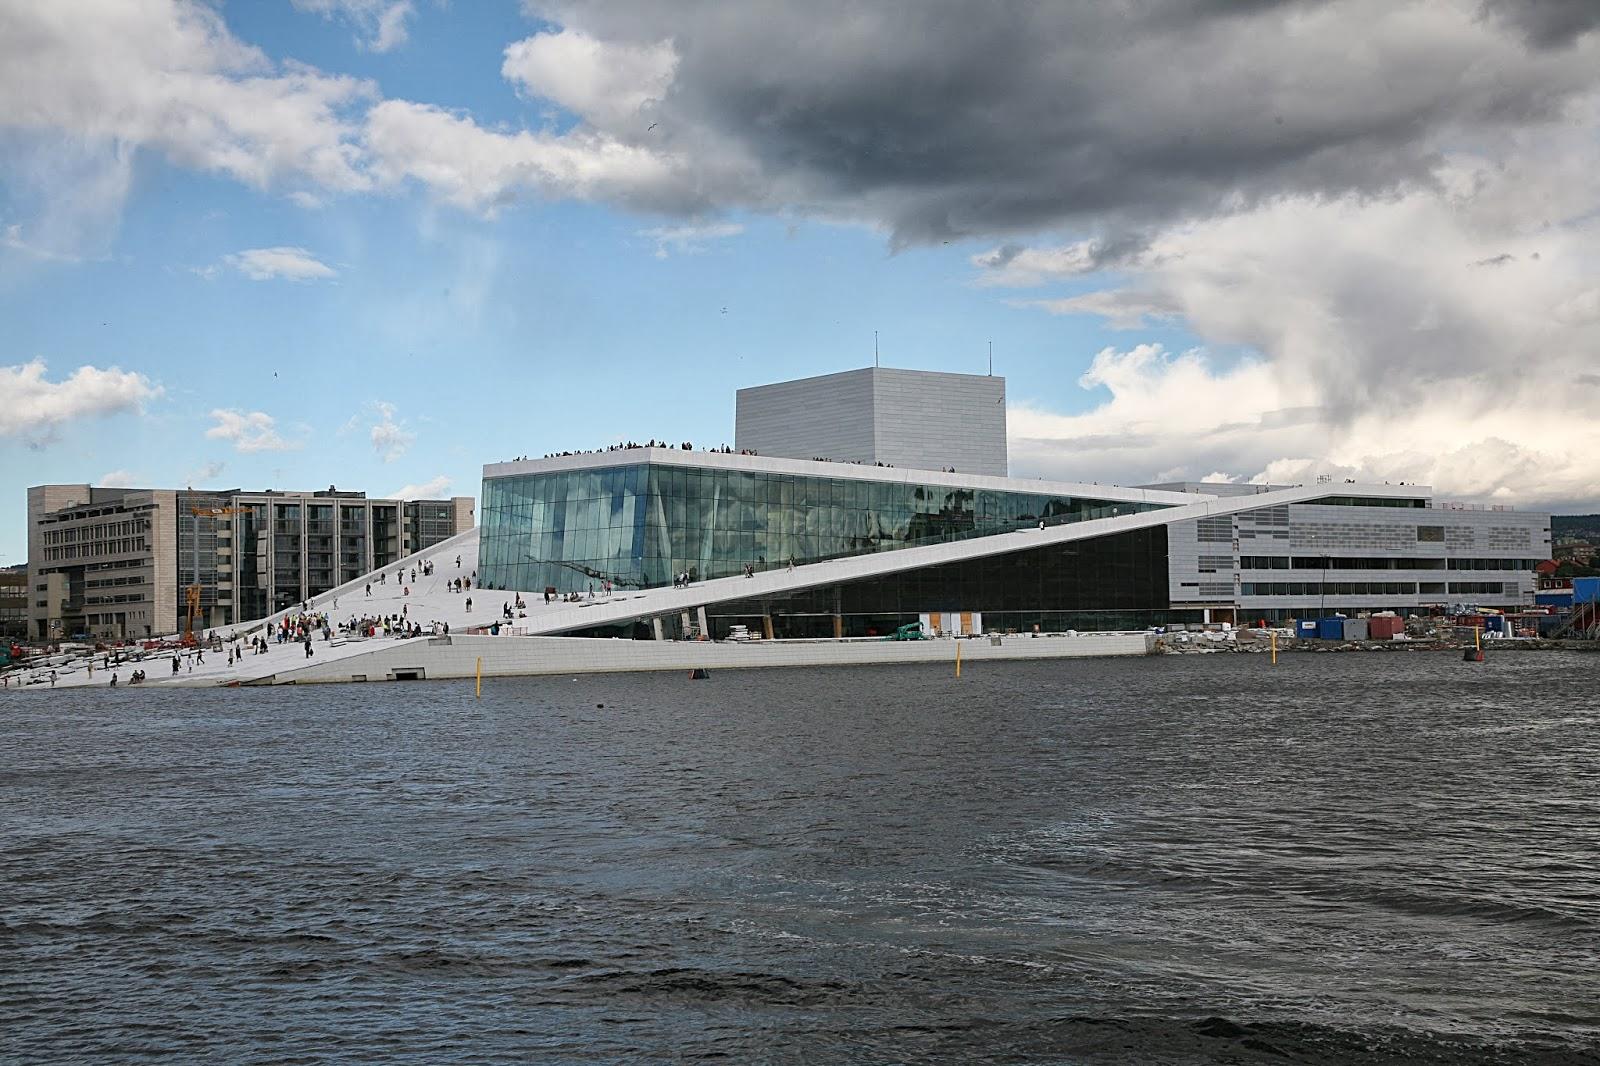 مخططات مشروع دار أوبرا أوسلو بالنرويج  OsloOperaBj%C3%B8rvika_2007-08-26-02